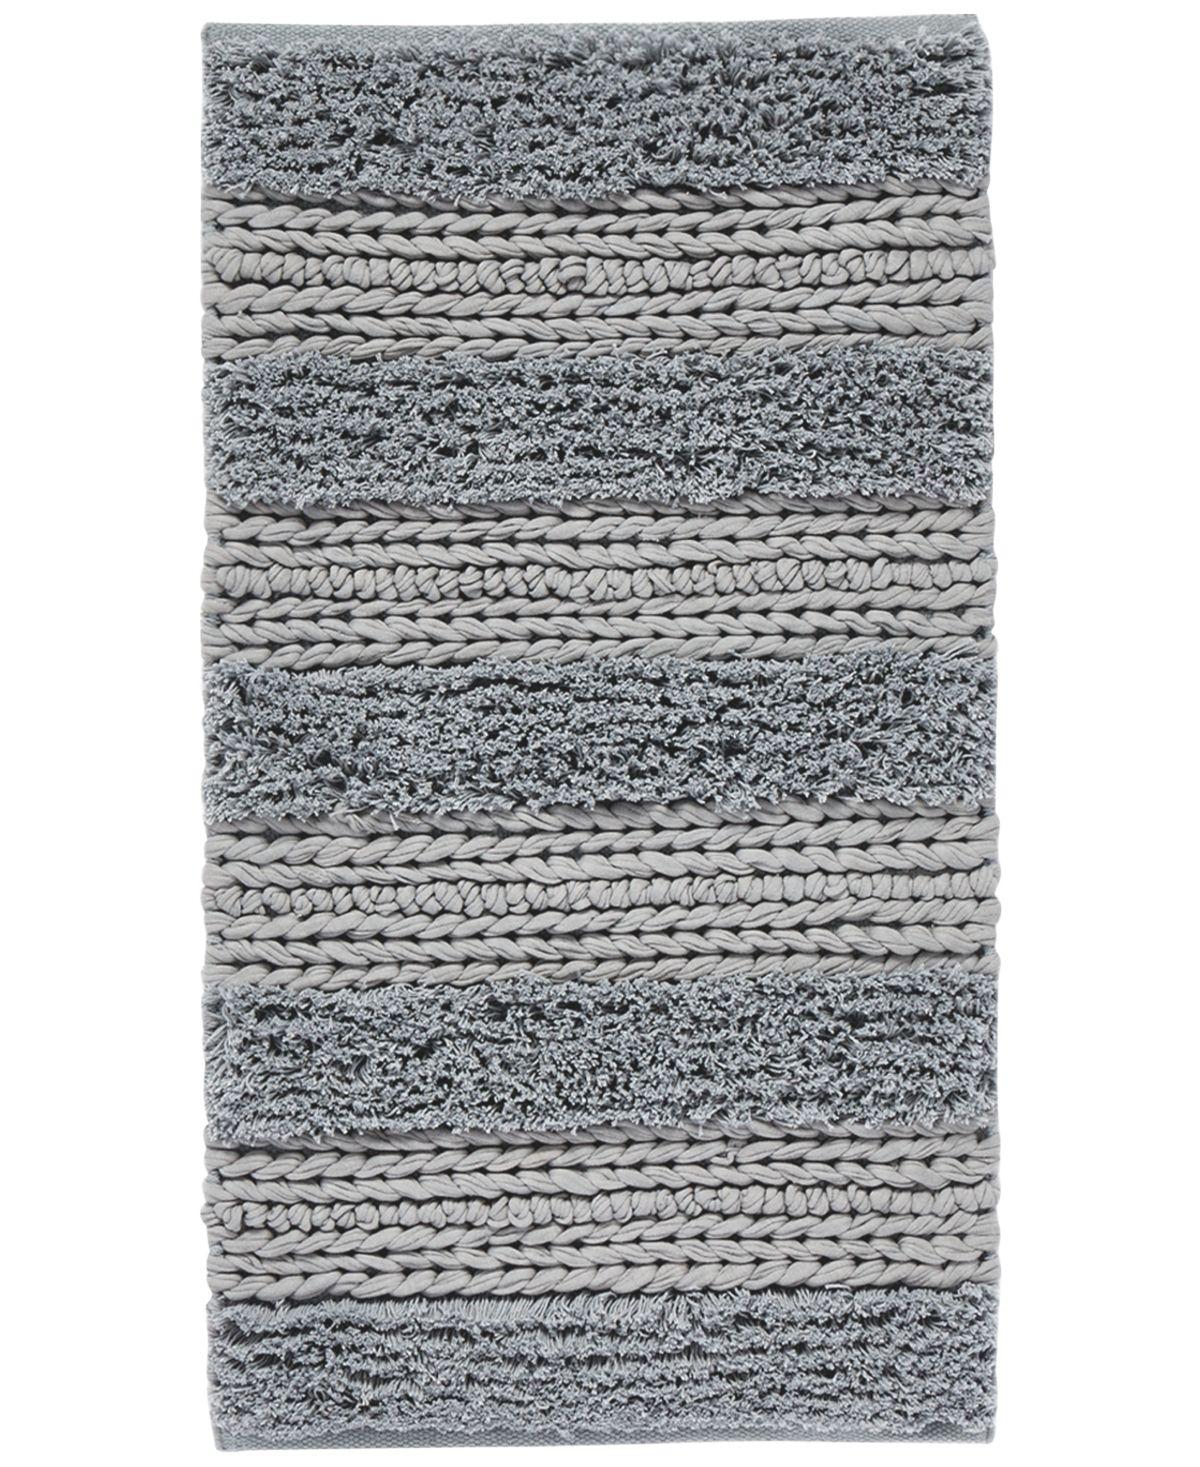 Sunham Cascada Home Cotton Jersey Stripe Accent Rug Collection